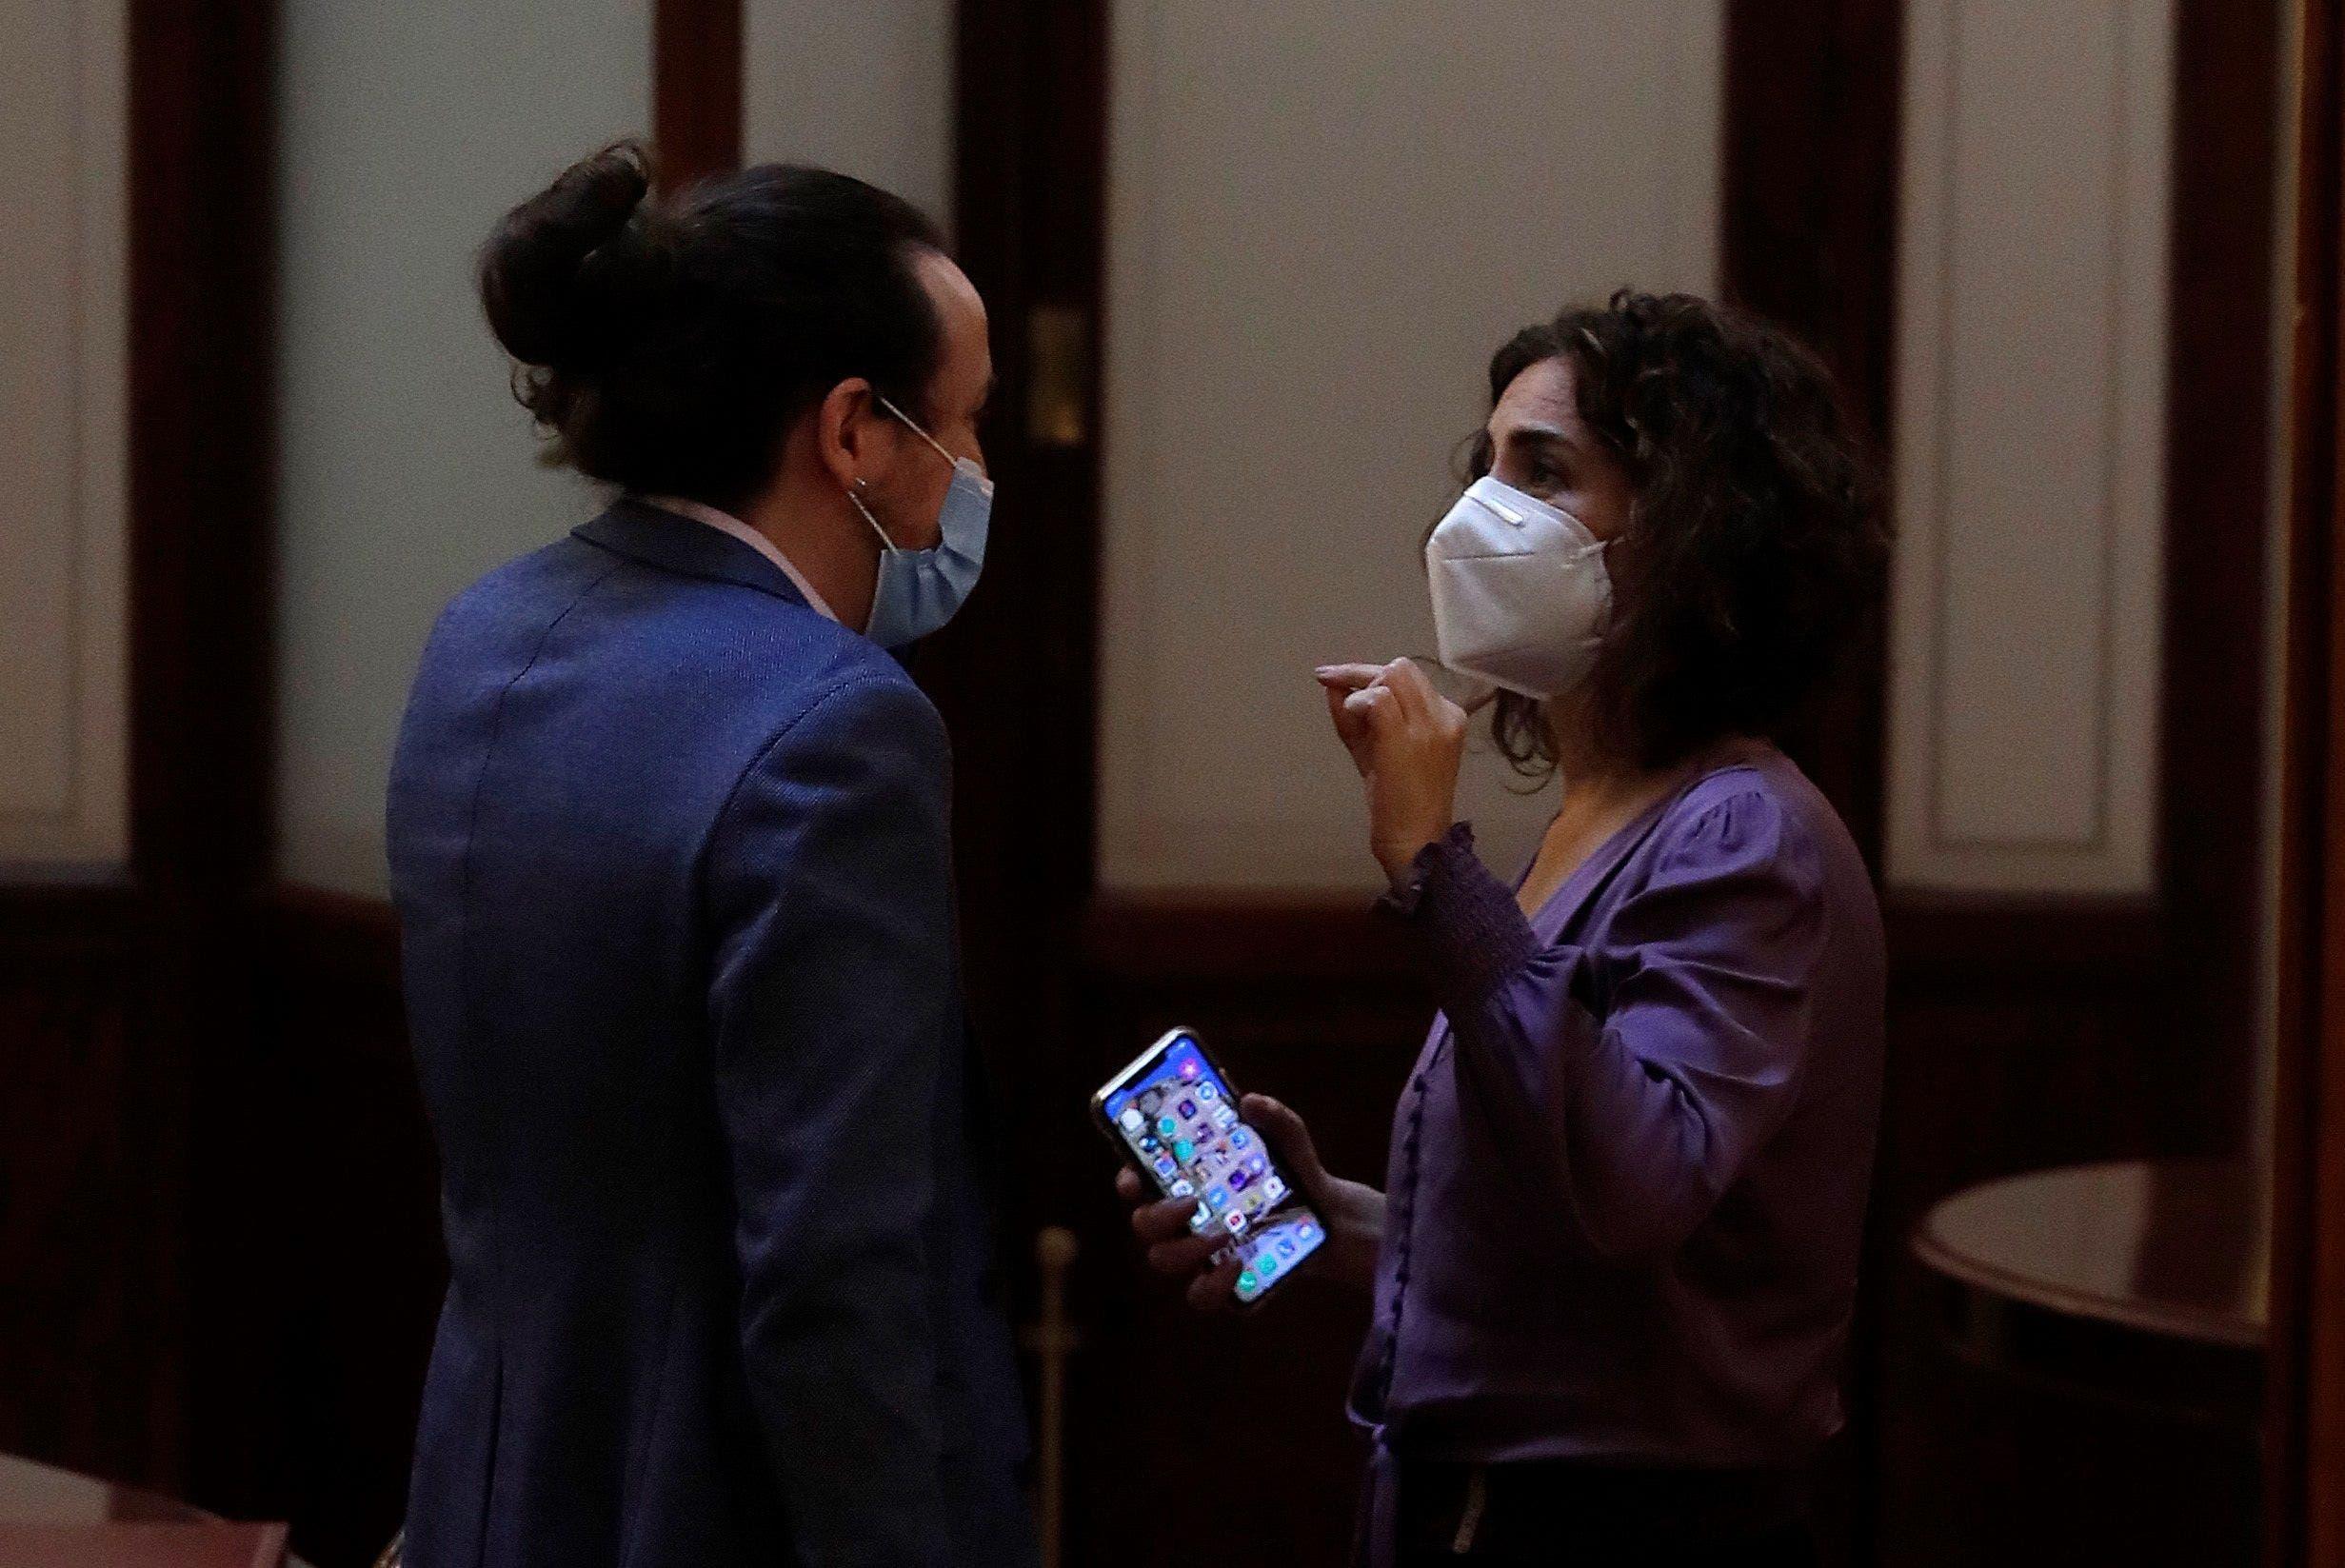 La ministra de Hacienda, María Jesús Montero, discutiendo con el vicepresidente segundo, Pablo Iglesias, este miércoles en los pasillos del Congreso de los Diputados